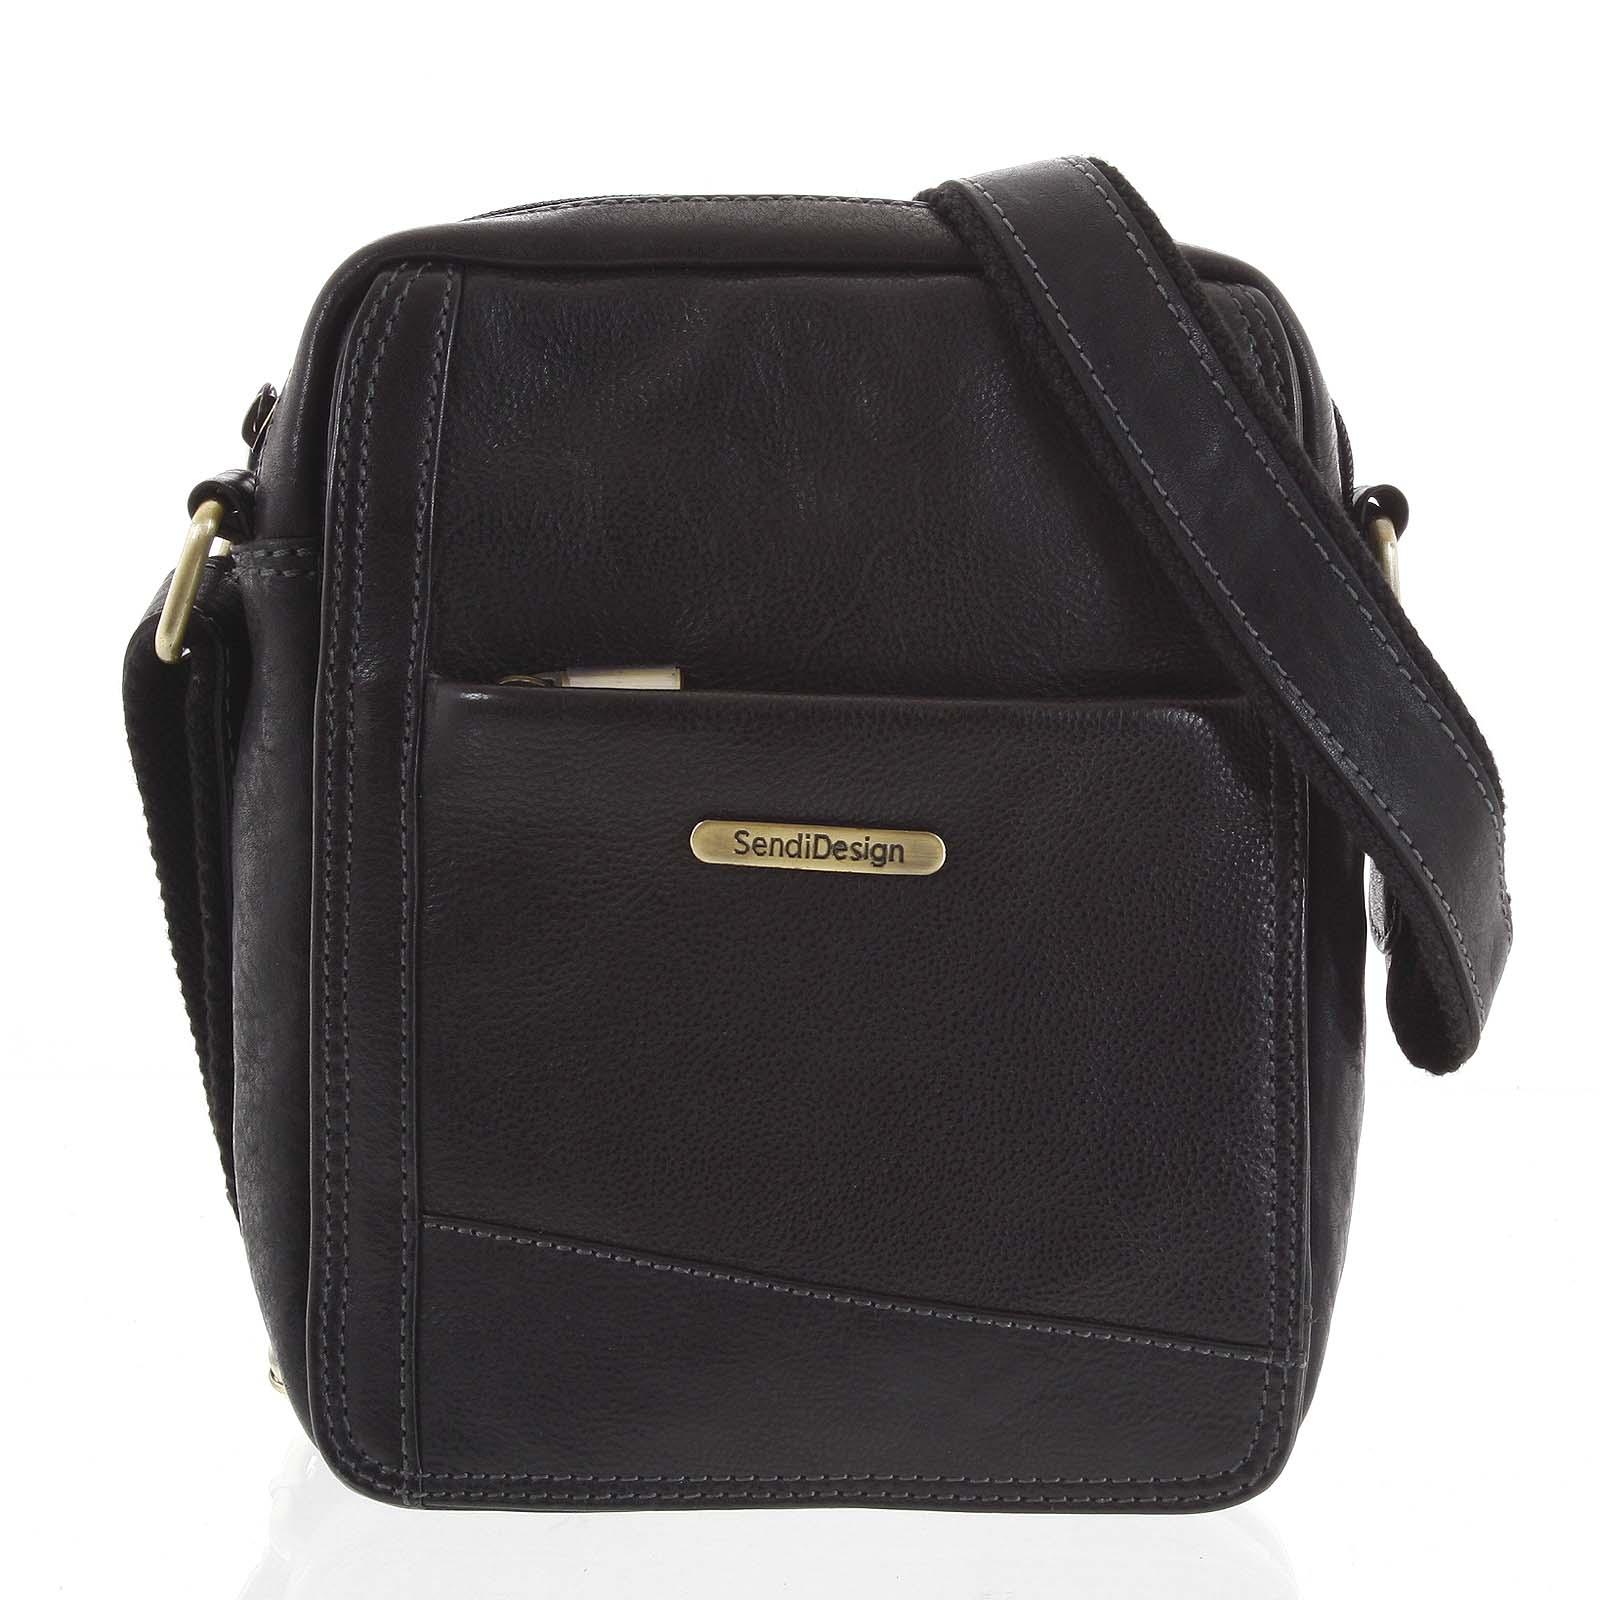 Pánská kožená taška na doklady černá - SendiDesign Eser